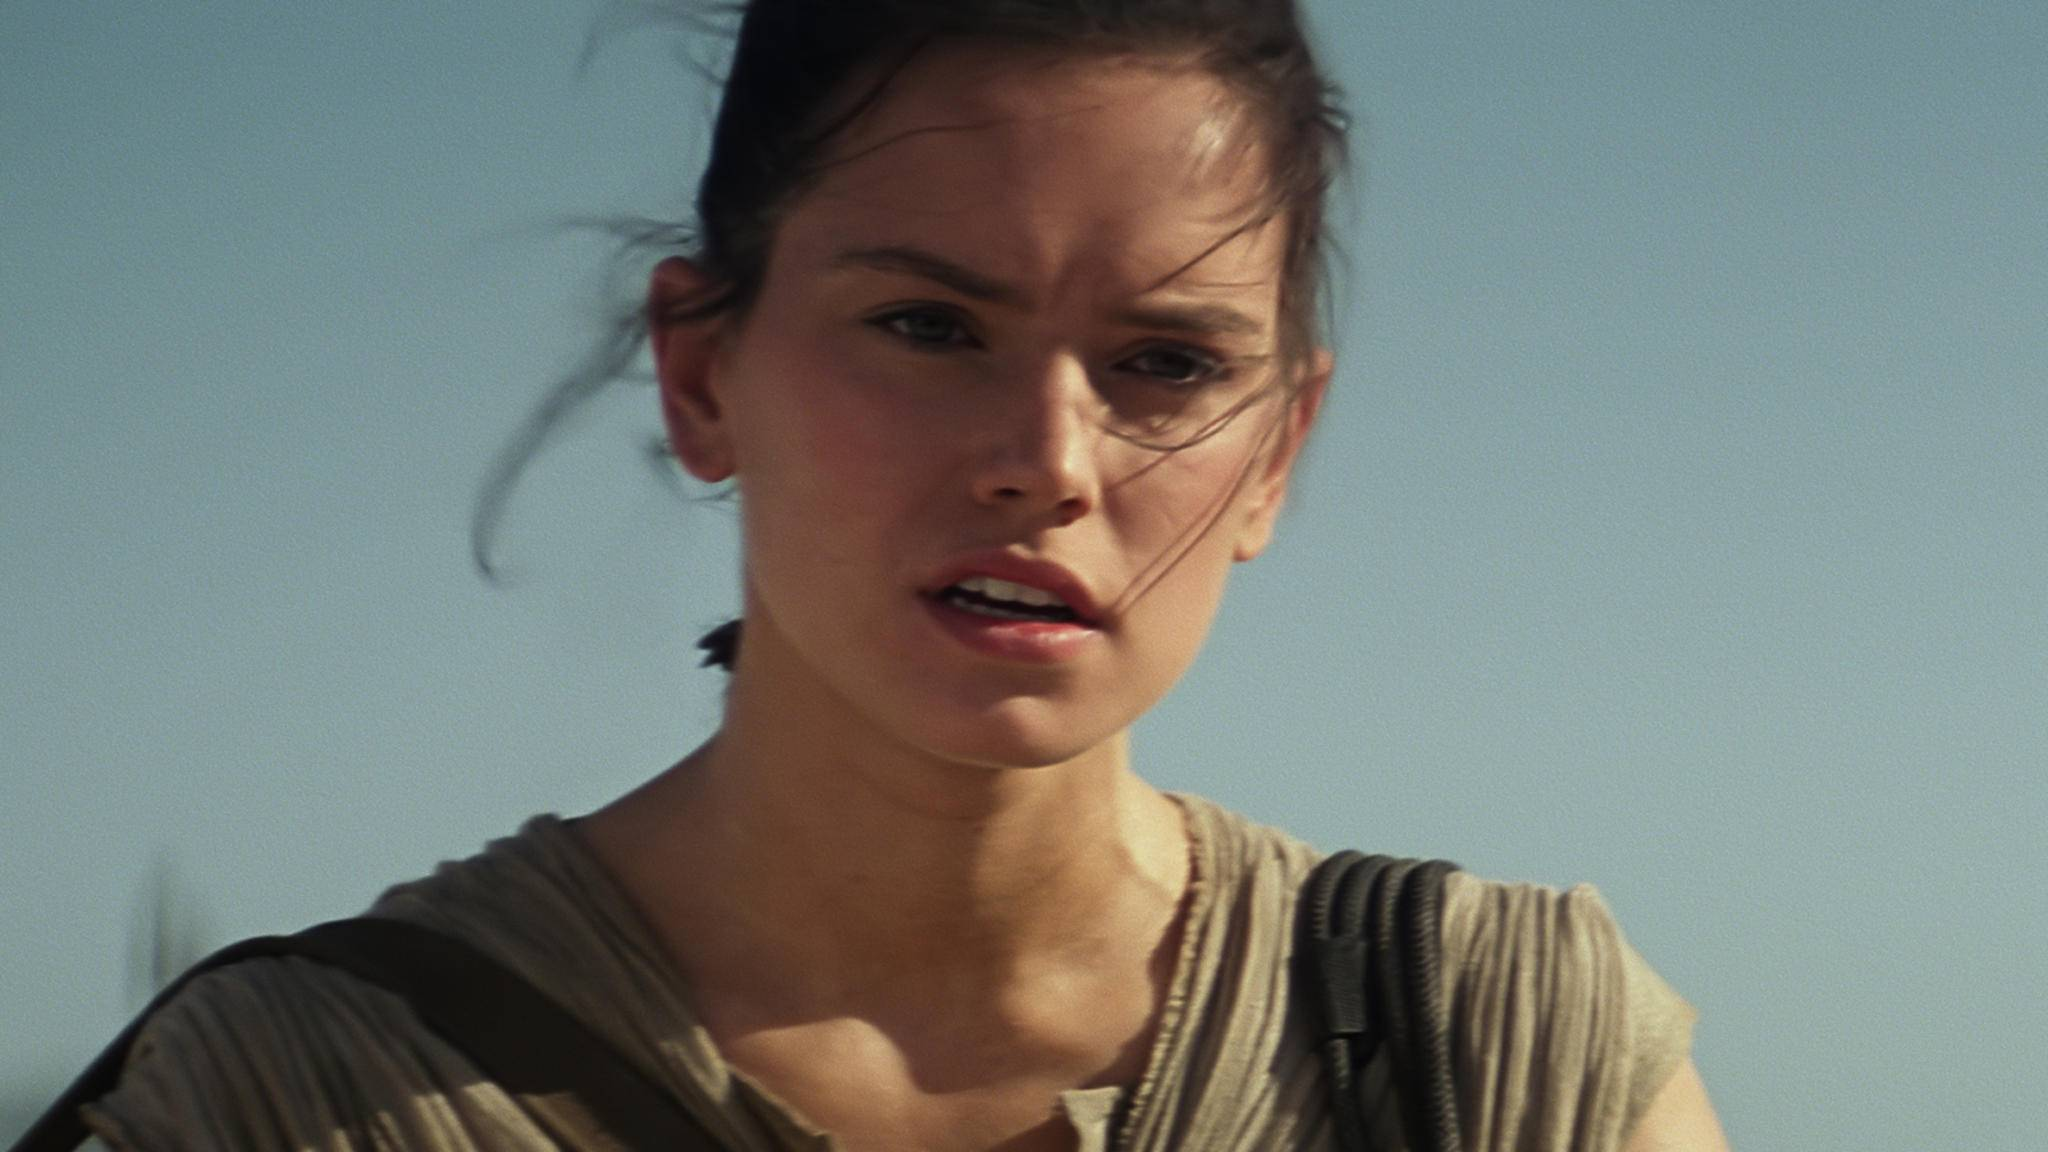 """Daisy Ridley bleibt stur und verrät keinerlei Informationen zu """"Star Wars: The Last Jedi""""."""